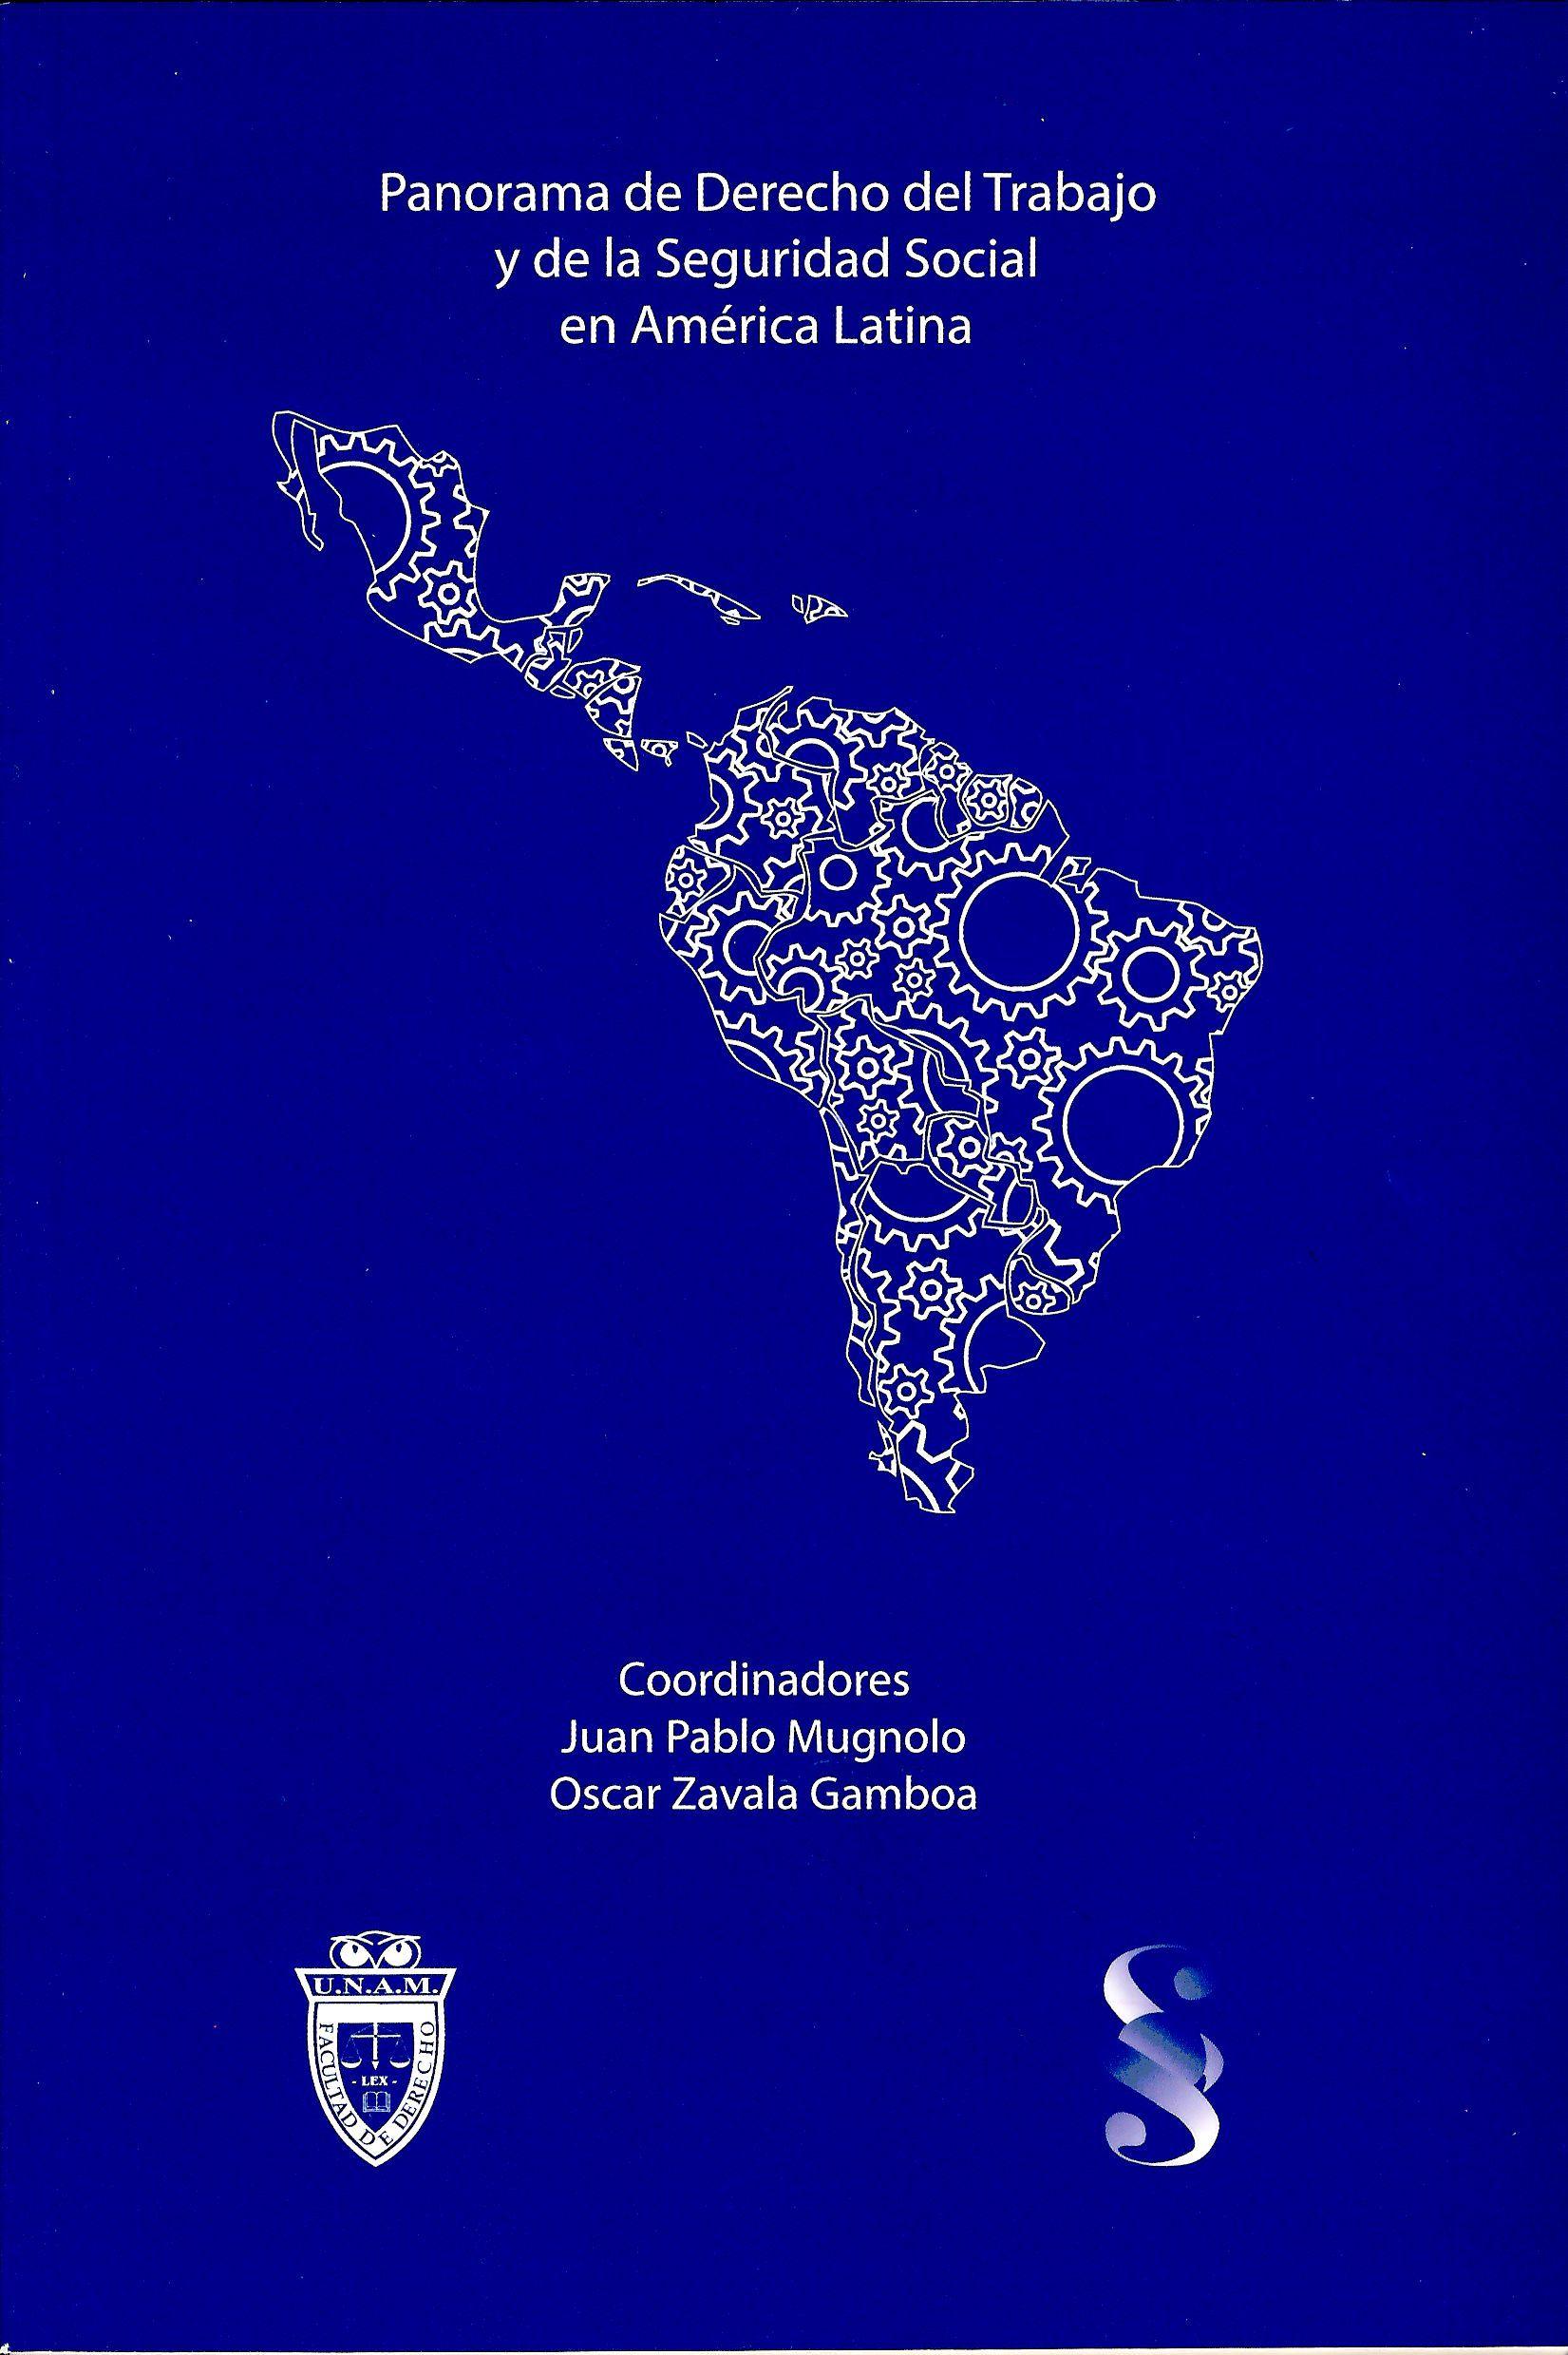 Panorama de Derecho del Trabajo y de la Seguridad Social en América Latina